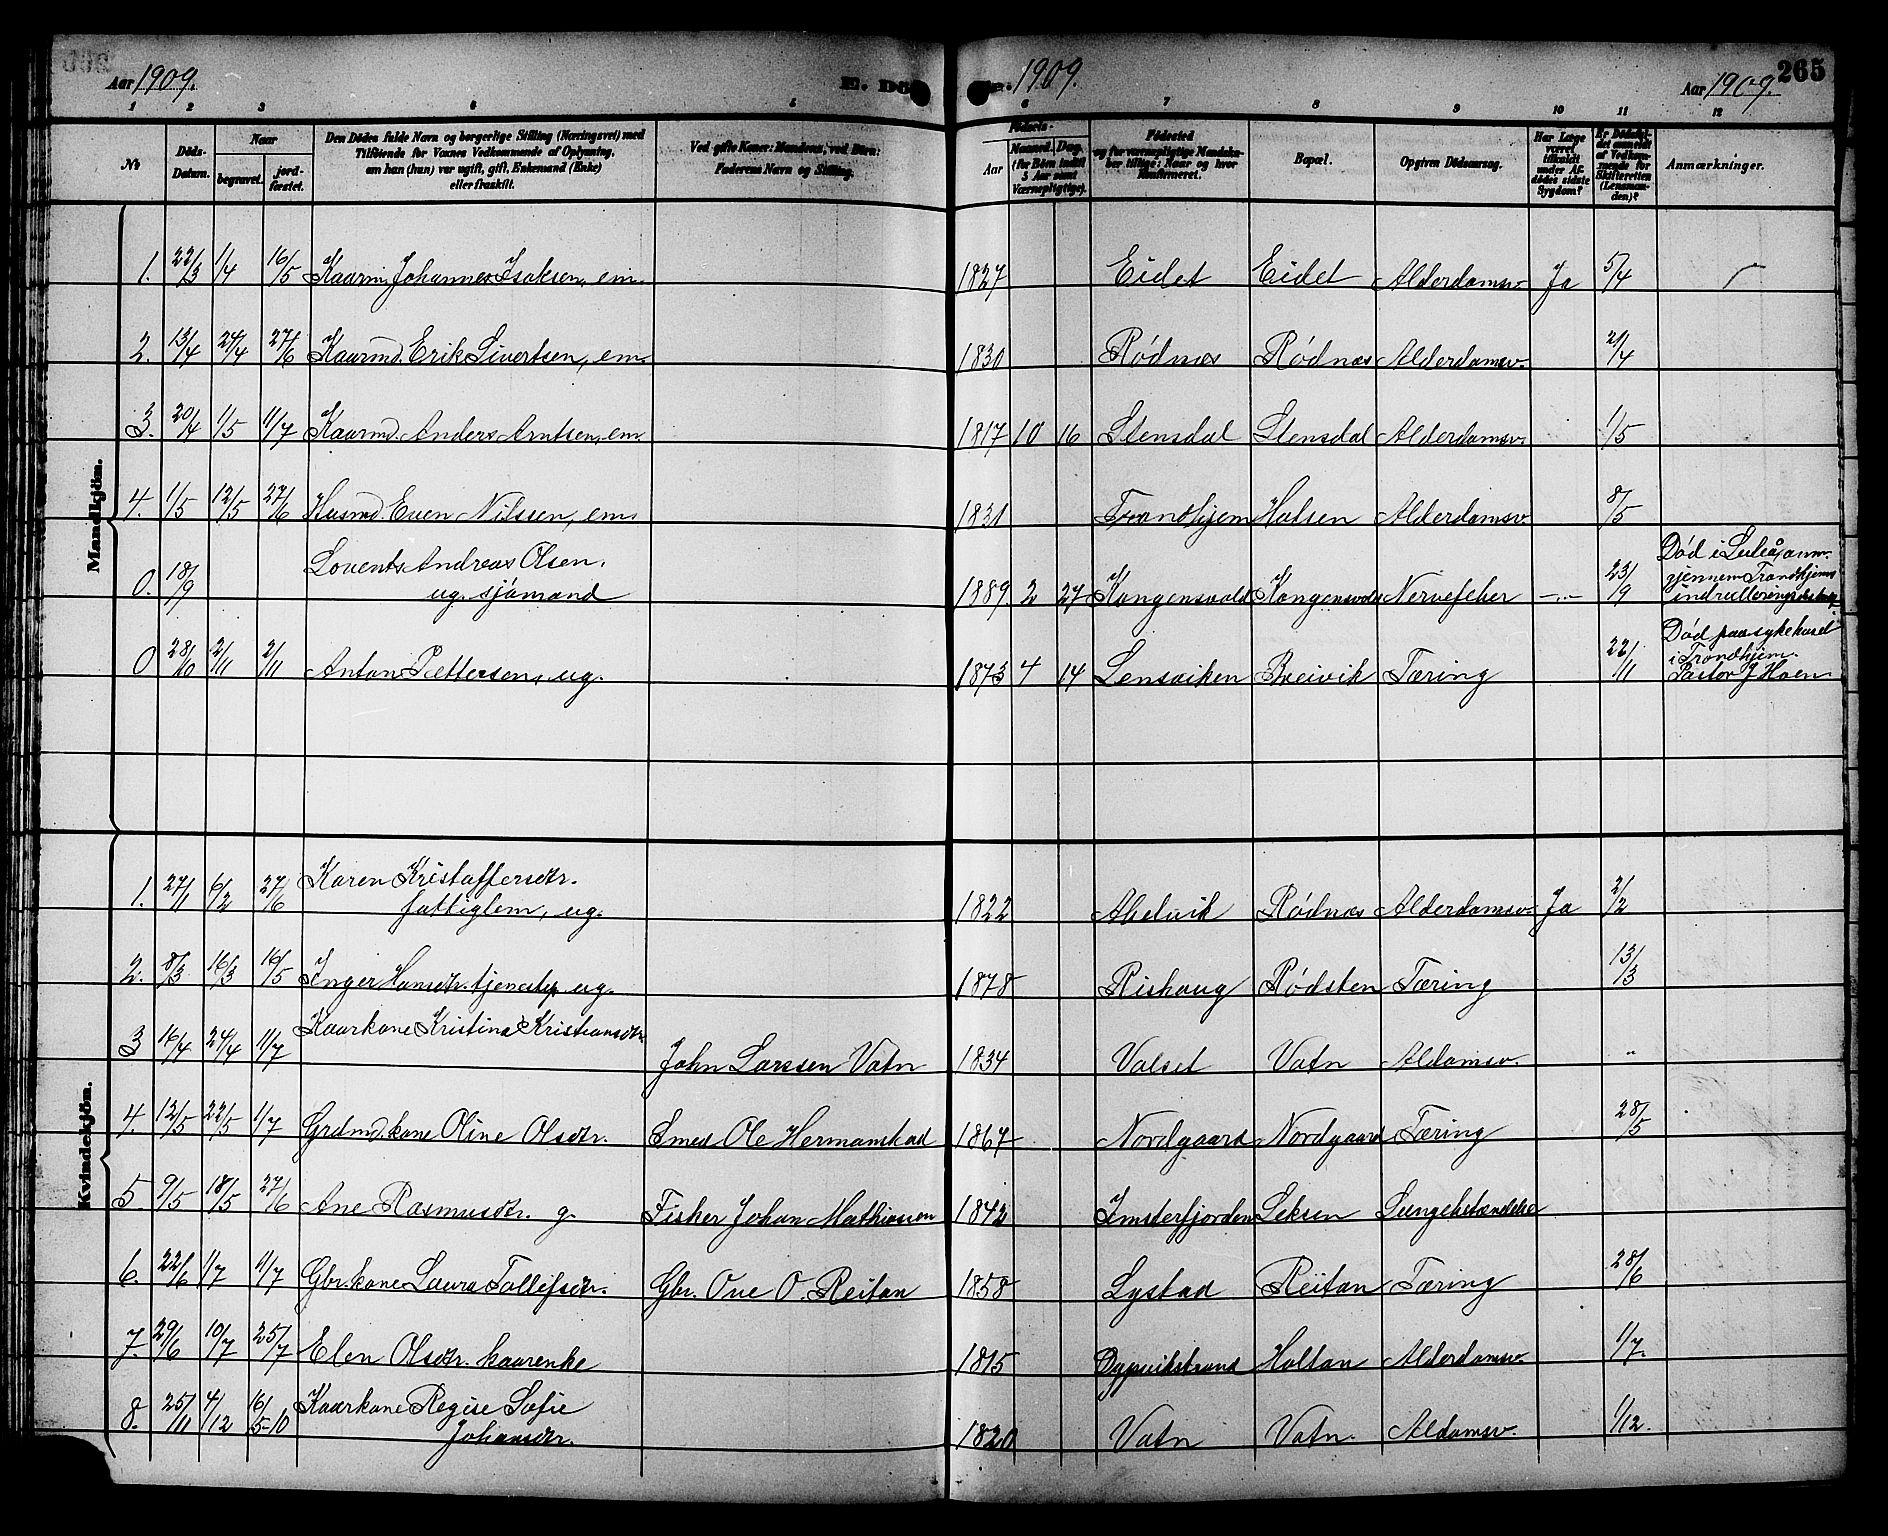 SAT, Ministerialprotokoller, klokkerbøker og fødselsregistre - Sør-Trøndelag, 662/L0757: Klokkerbok nr. 662C02, 1892-1918, s. 265